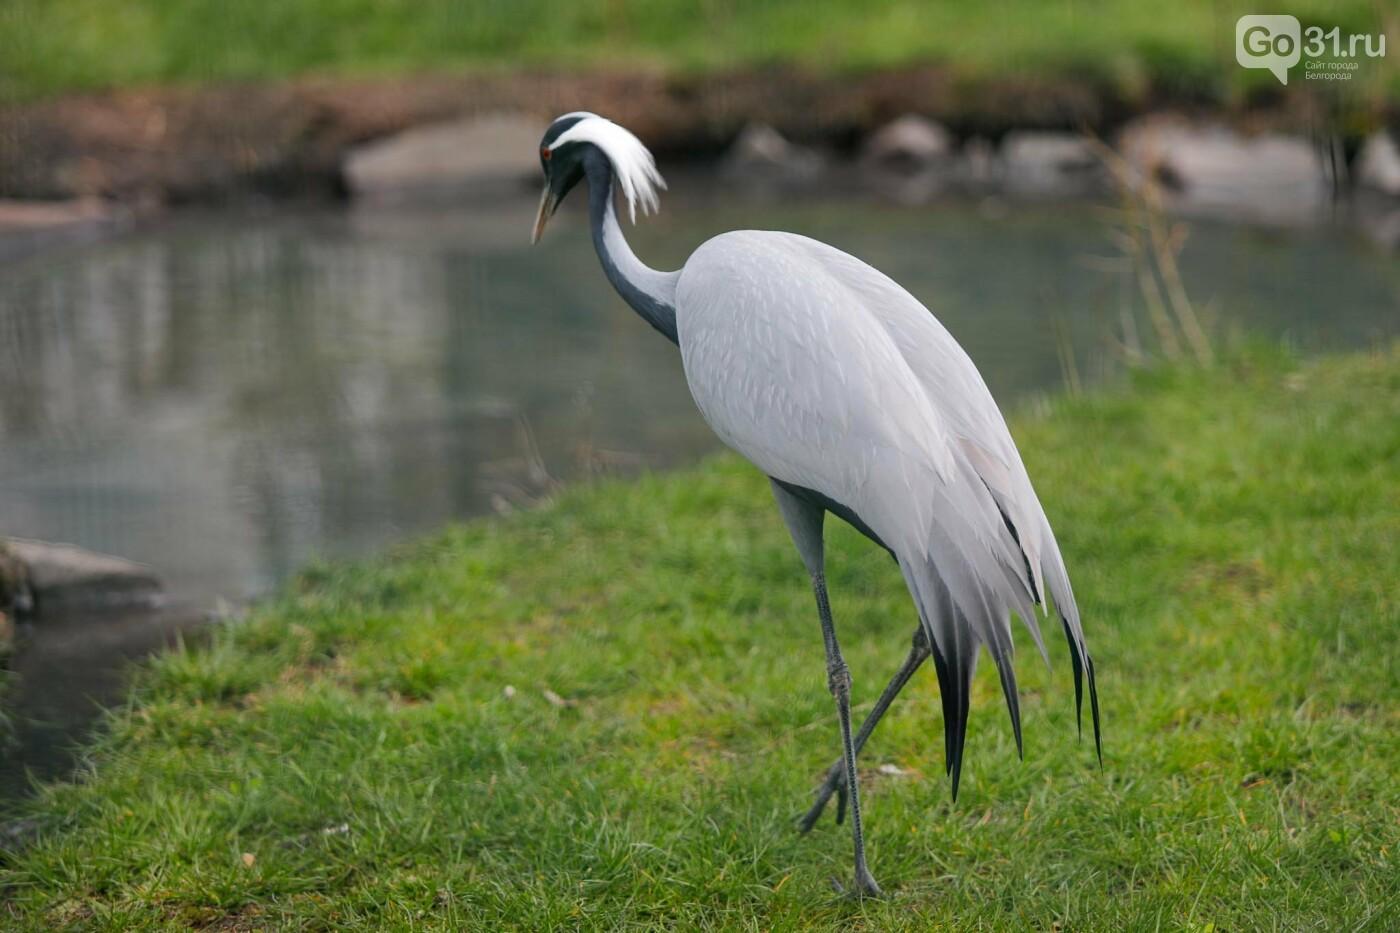 Фламинго, тамарины, антилопа. Кто ещё поселится в зоопарке Белгорода, фото-31